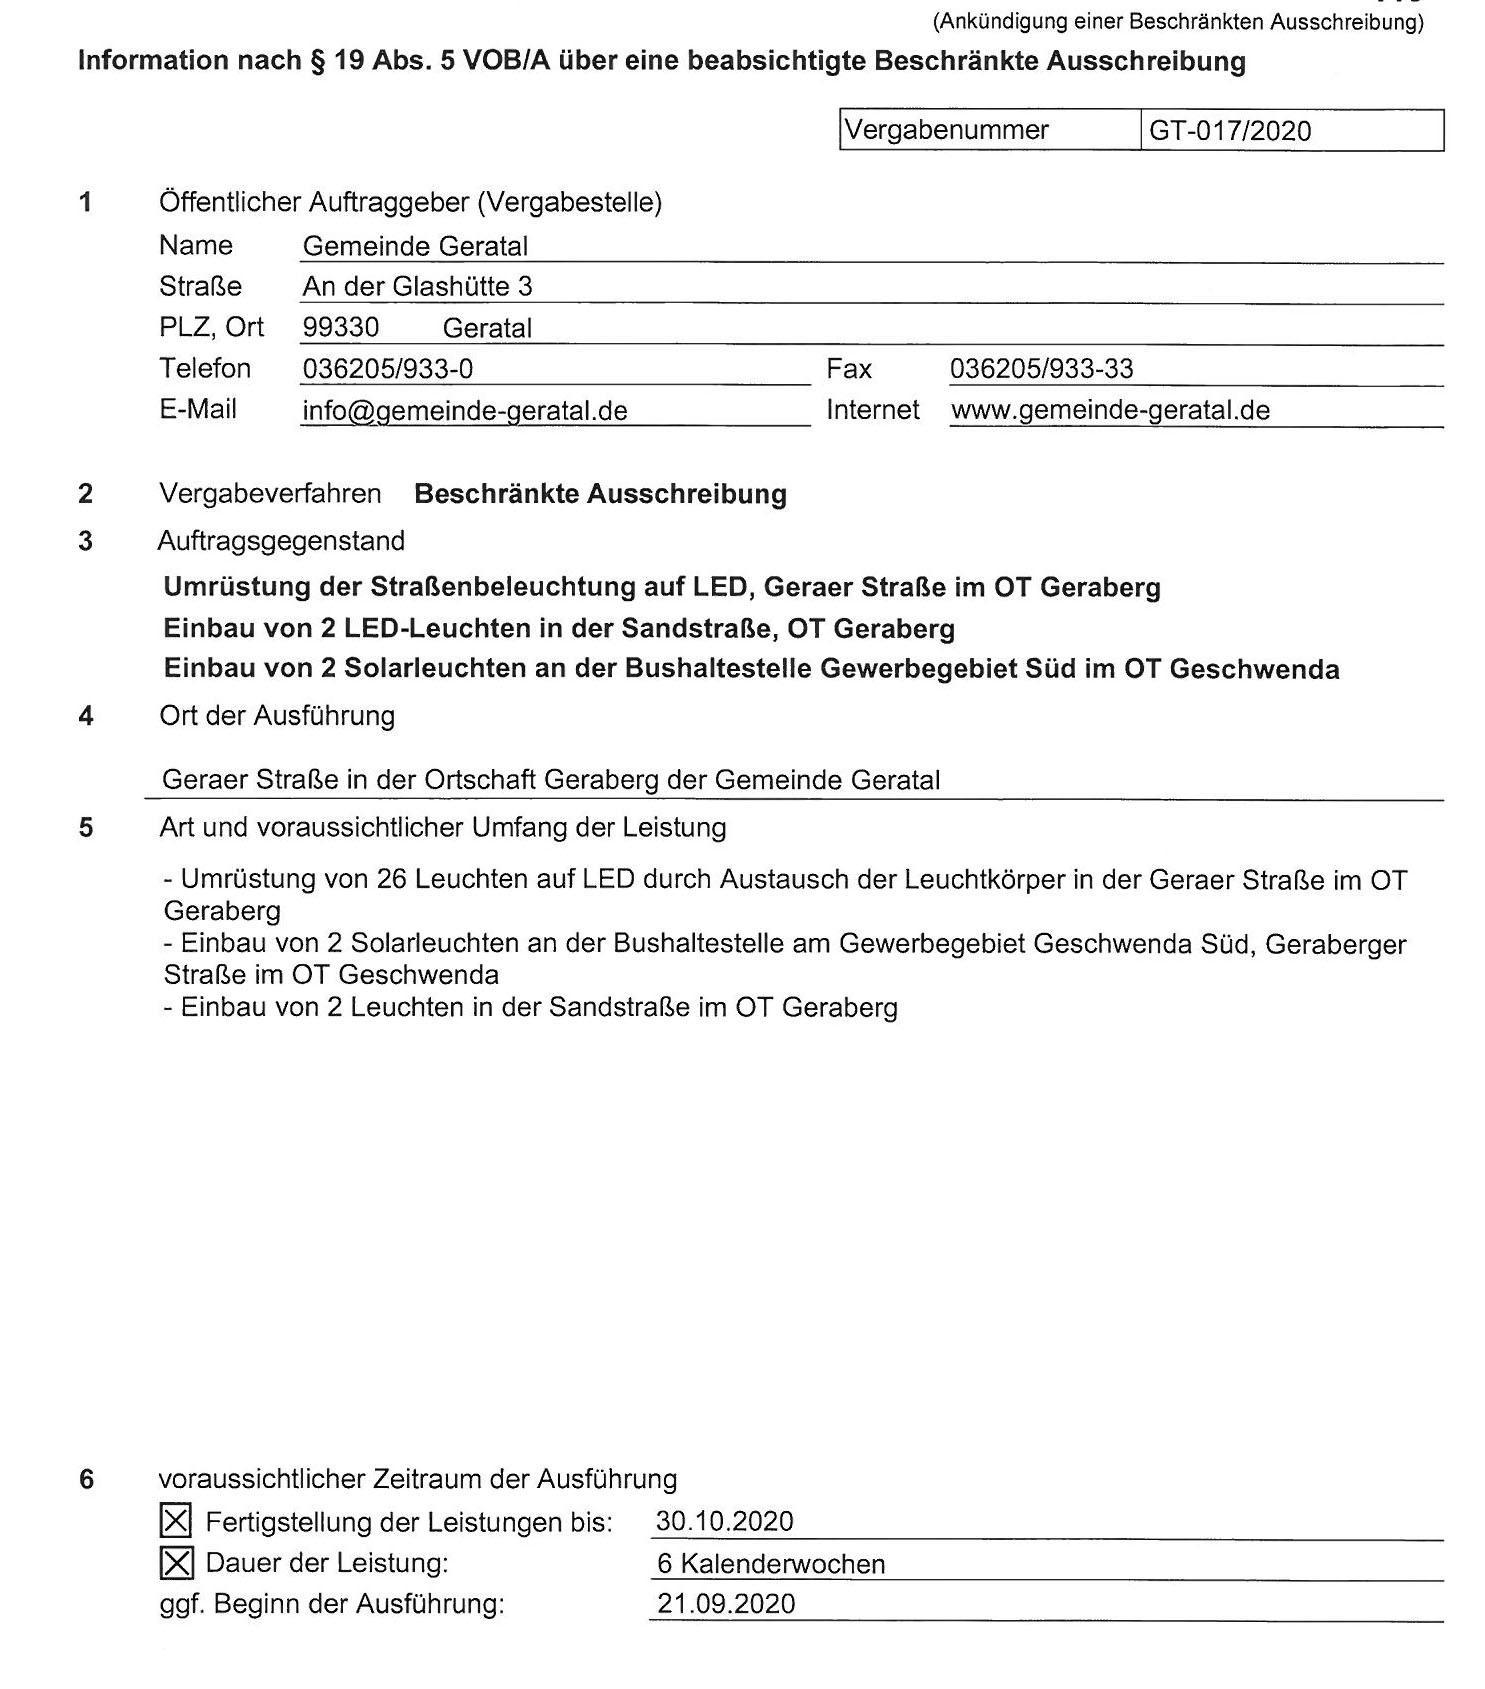 2020-08-28_Information über beabsichtigte Beschränkte Ausschreibung OT Geraberg und OT Geschwenda